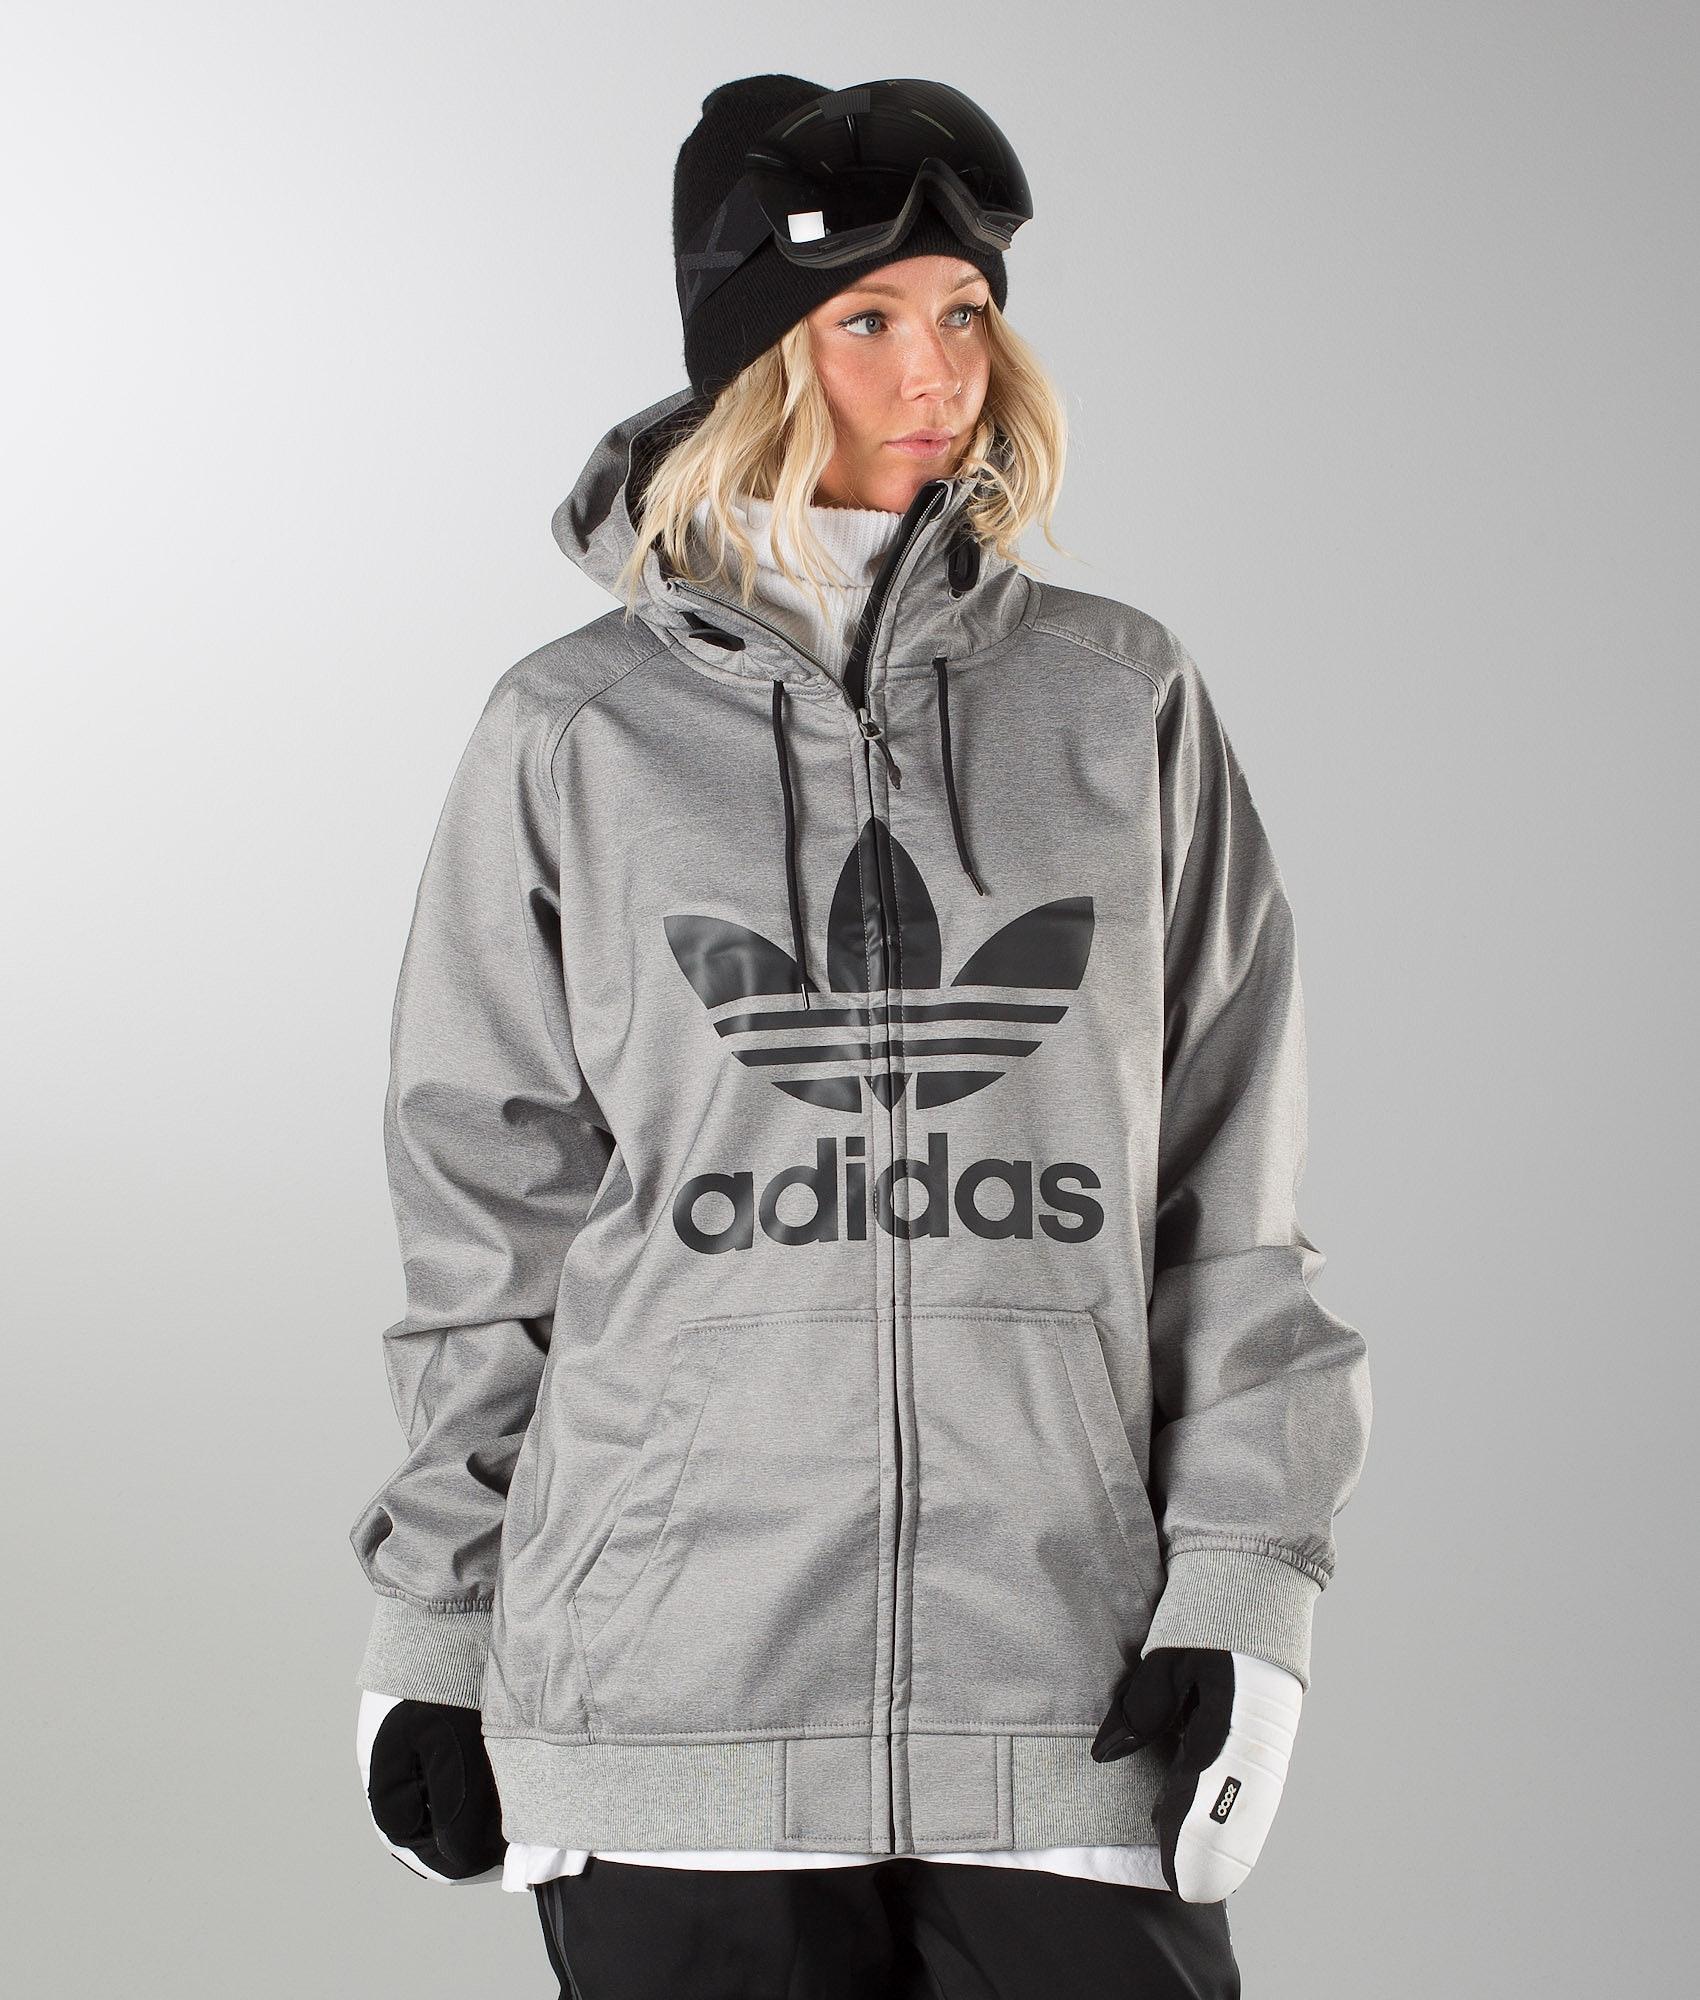 Adidas Snowboarding Online Kaufen   Kostenloser Versand   Ridestore.de ea22576287